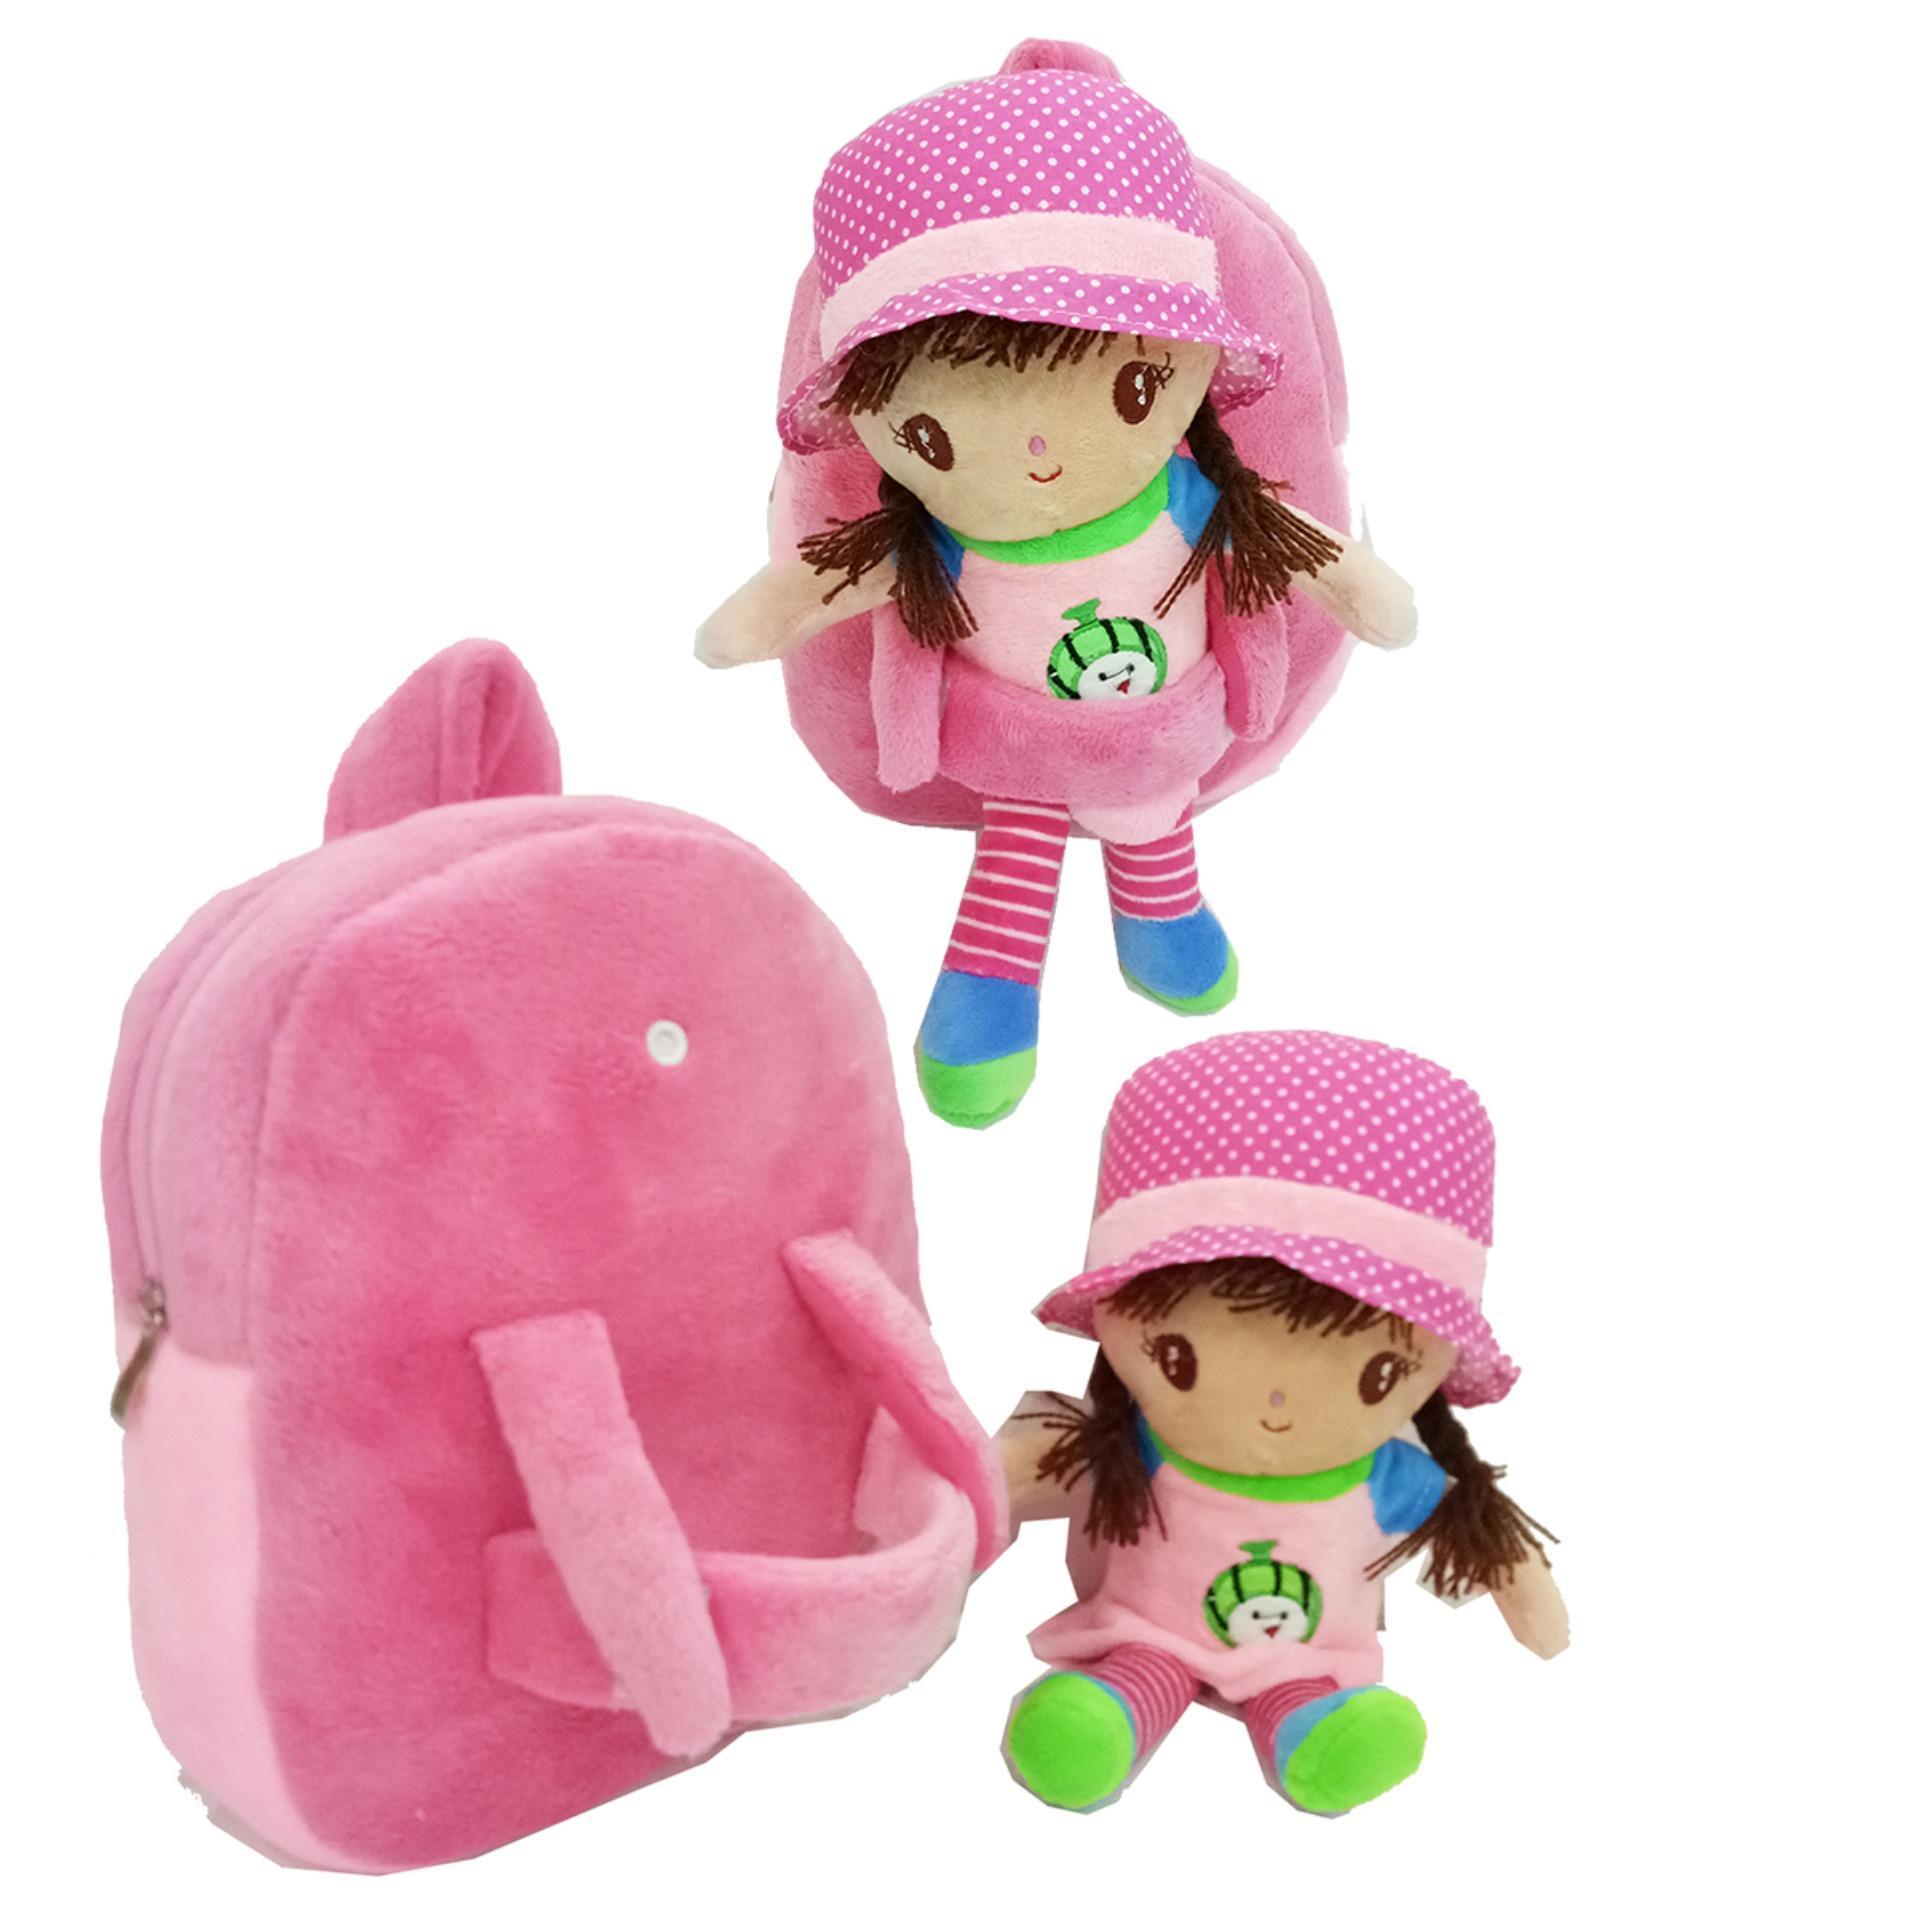 Onlan Tas Ransel Boneka Anak Perempuan Bahan Halus Lembut Ukuran Paut  ( Boneka bisa dilepas)